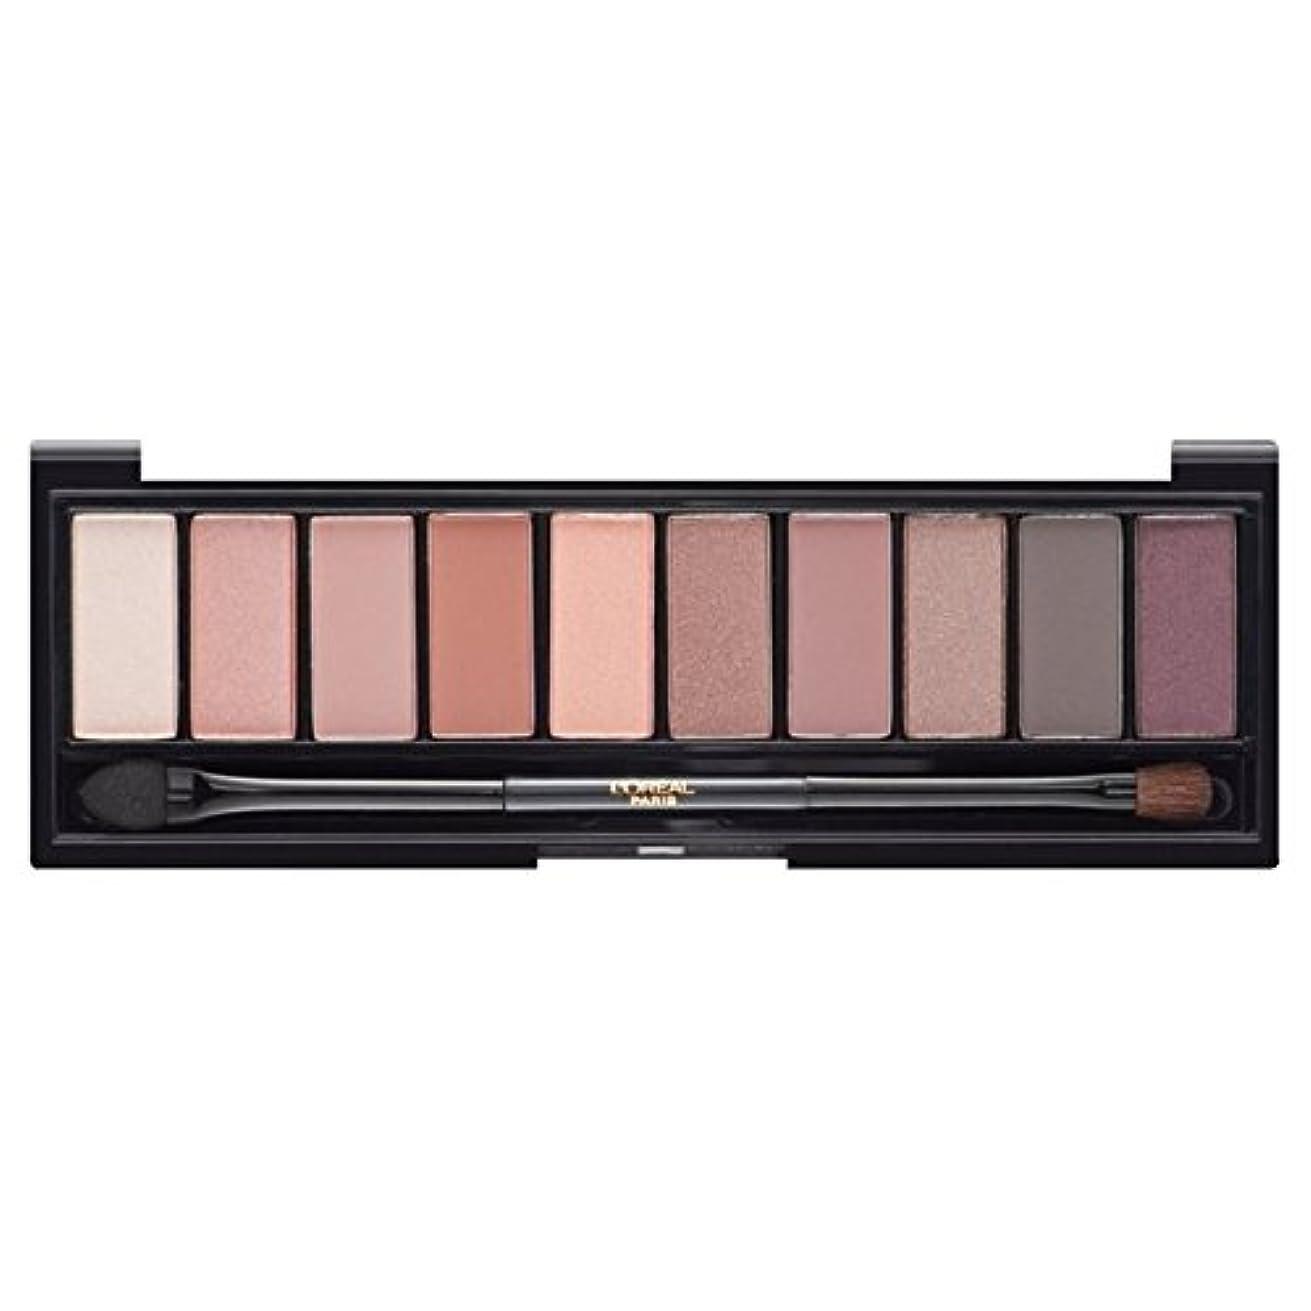 リアル病気だと思うとにかくL'Oreal Paris Color Riche La Palette Eyeshadow, Nude Rose - ロレアルパリカラーリッシュ?ラ?パレットのアイシャドウ、ヌードバラ [並行輸入品]